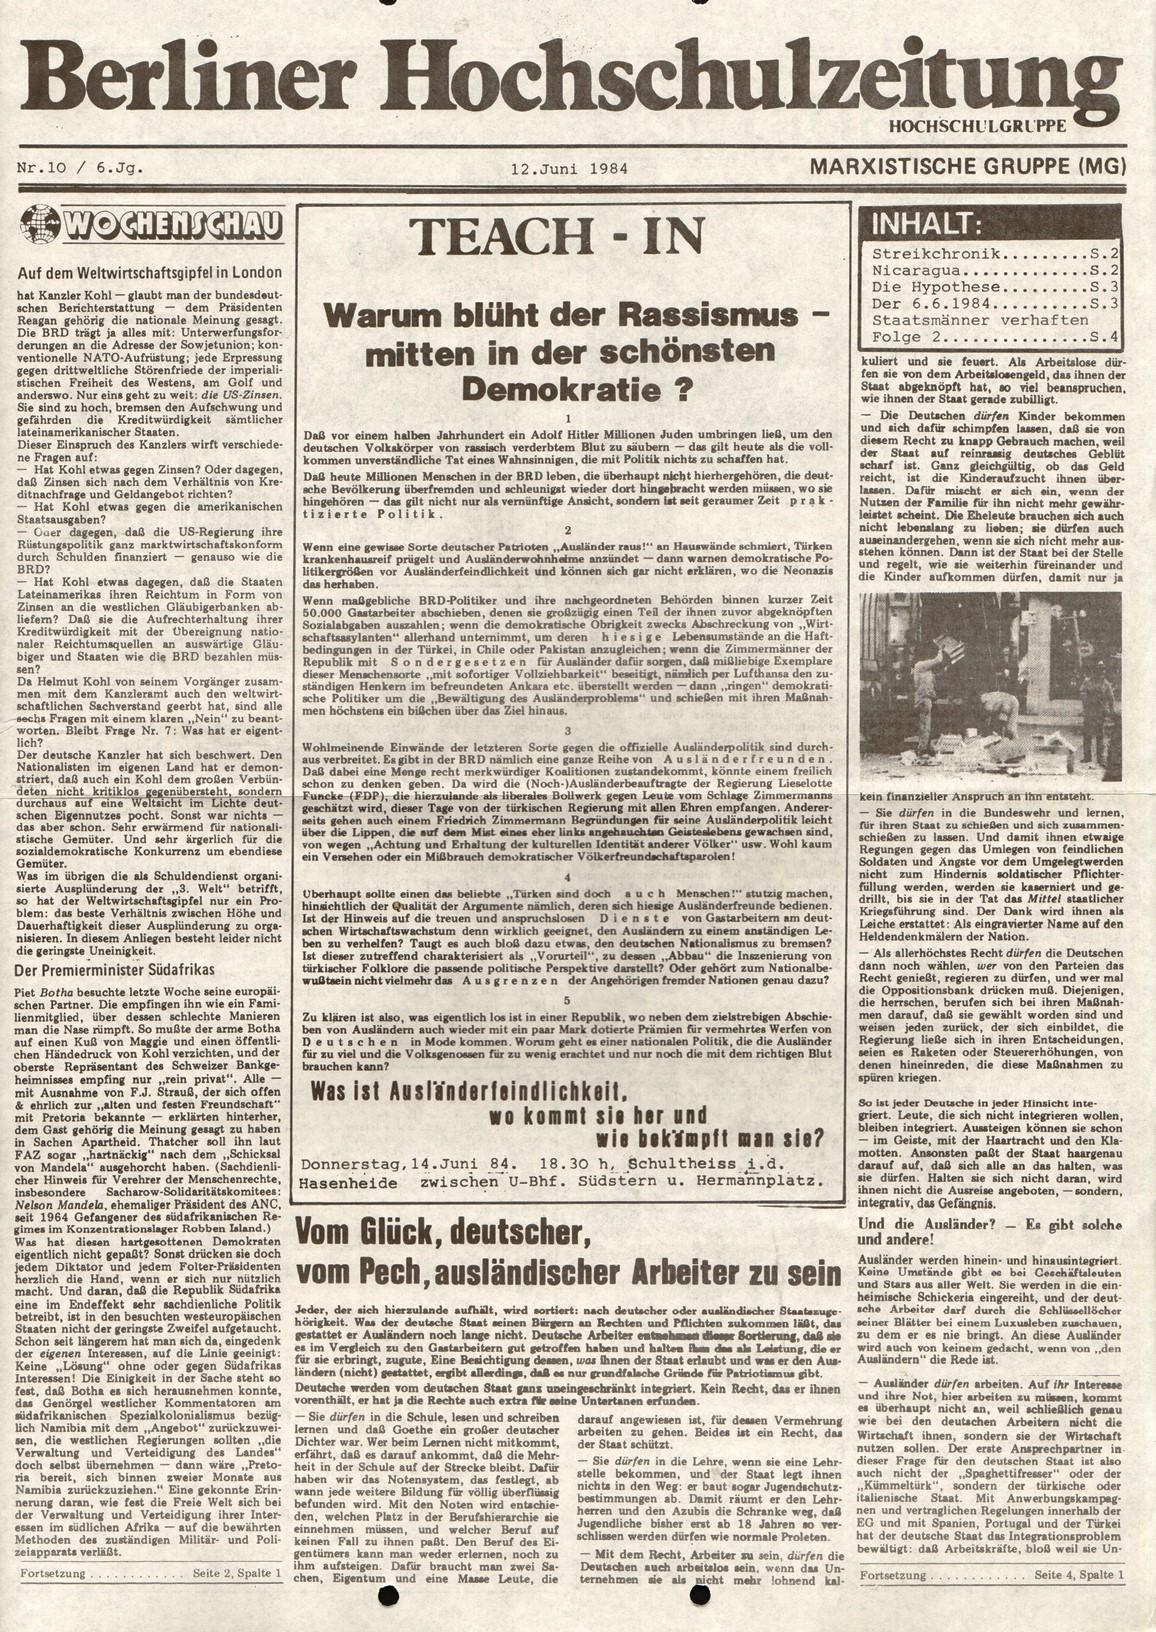 Berlin_MG_Hochschulzeitung_19840612_01